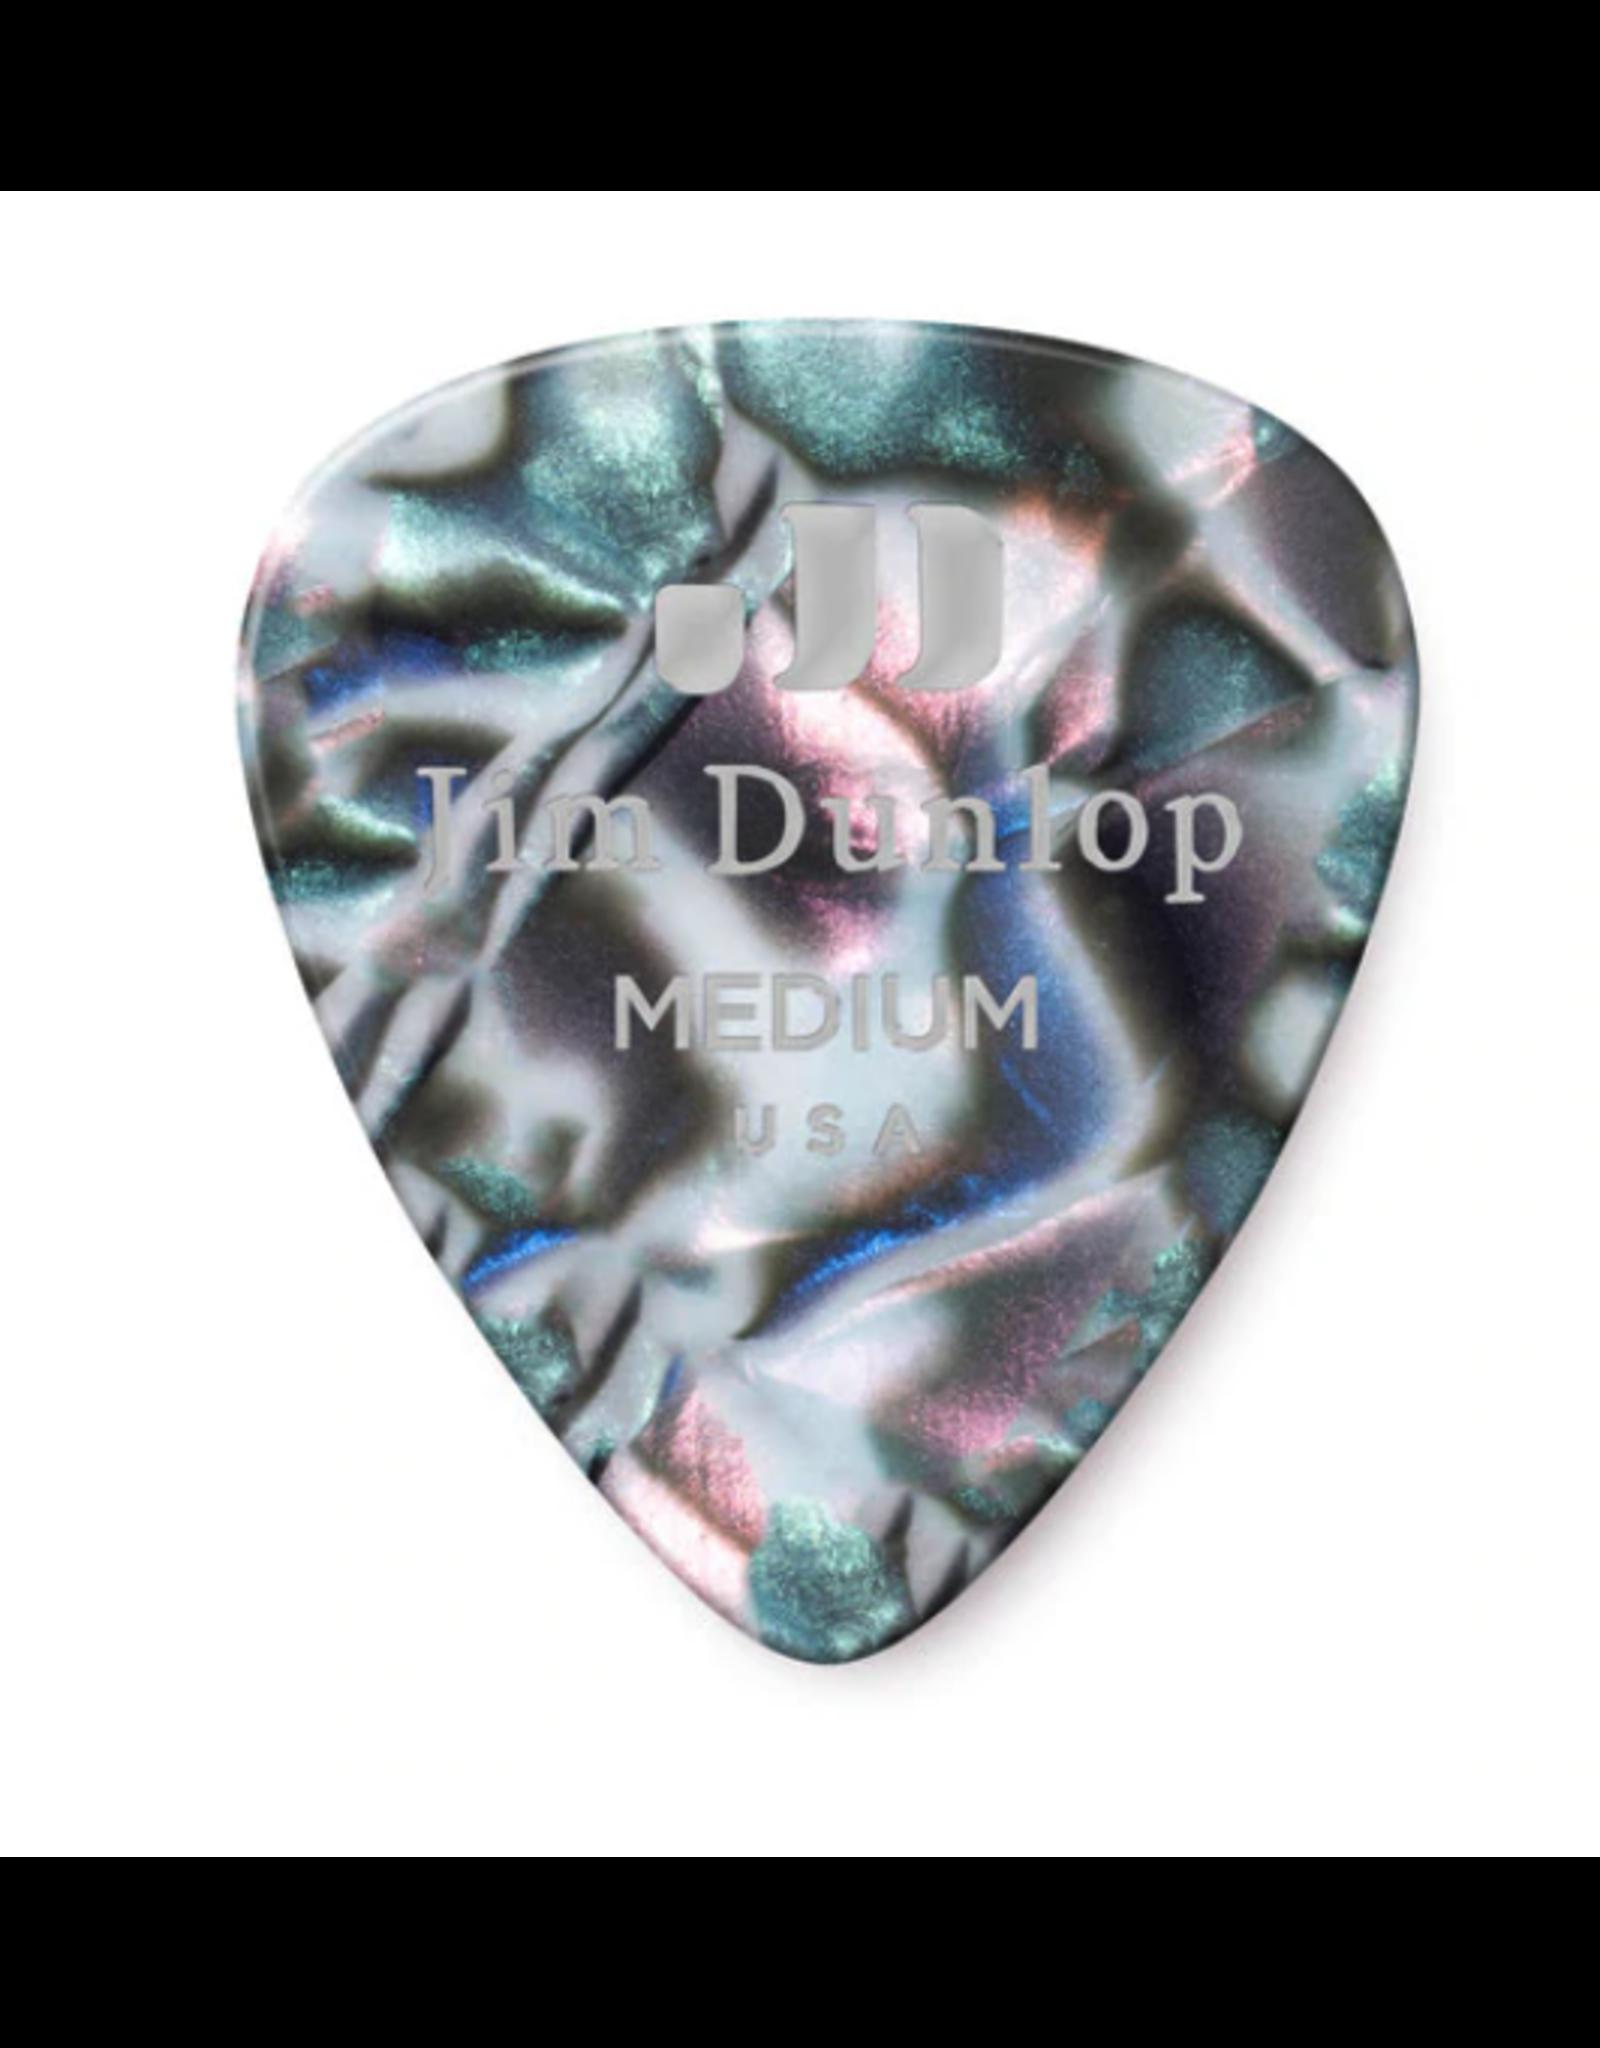 Dunlop Dunlop Abalone Classic Guitar Pick - Medium